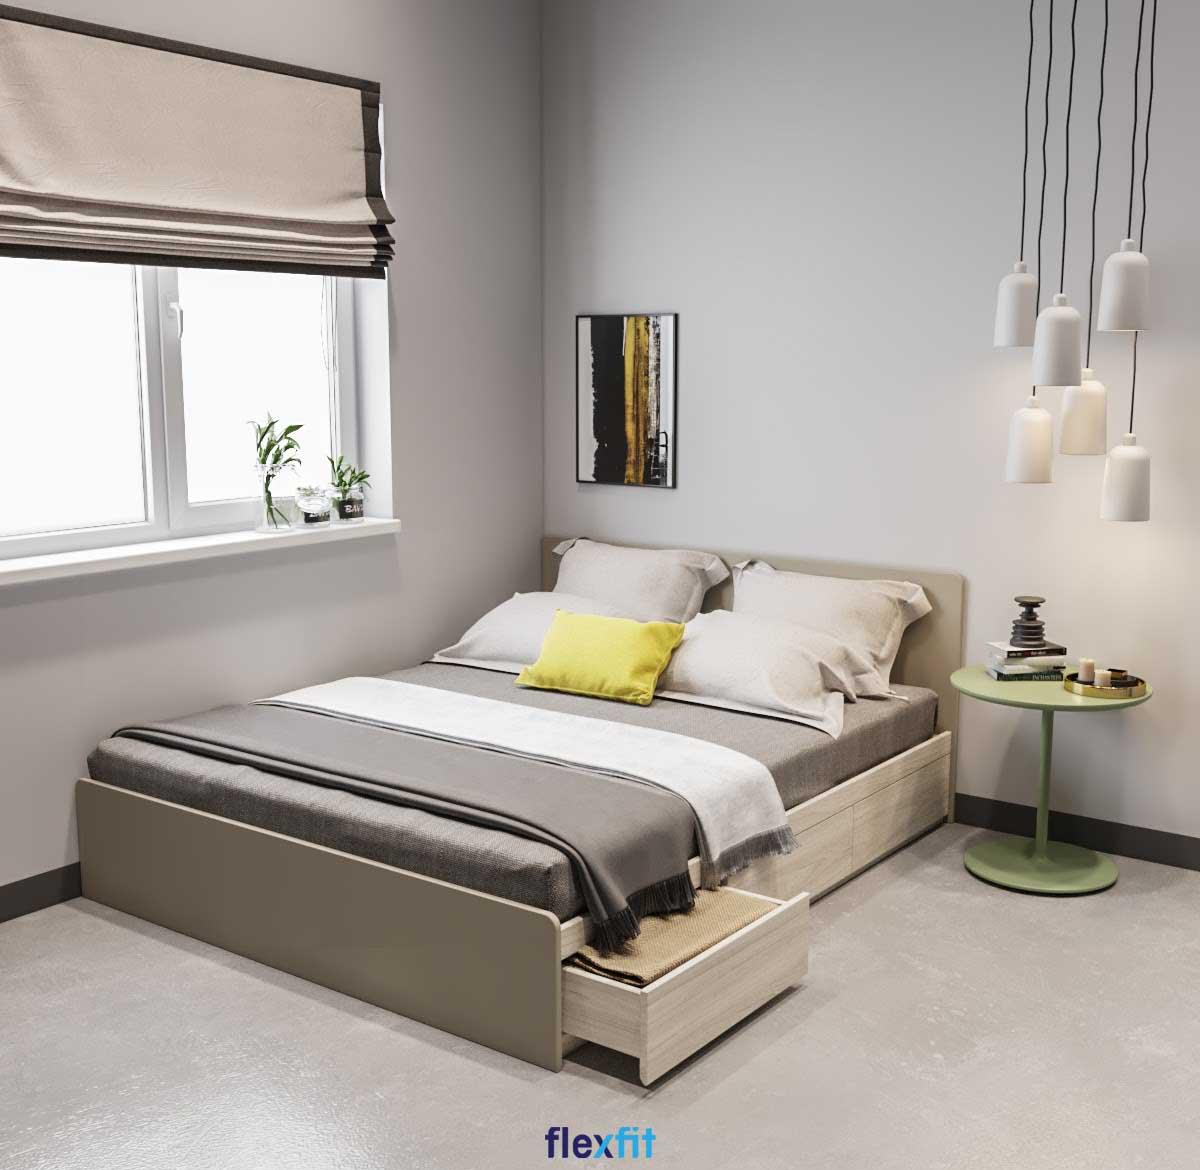 Một căn phòng ngủ thông minh không chỉ ở việc lựa chọn các sản phẩm nội thất đa năng mà còn thể hiện ở việc sắp xếp và tận dụng chúng một cách hợp lý, khoa học nhất